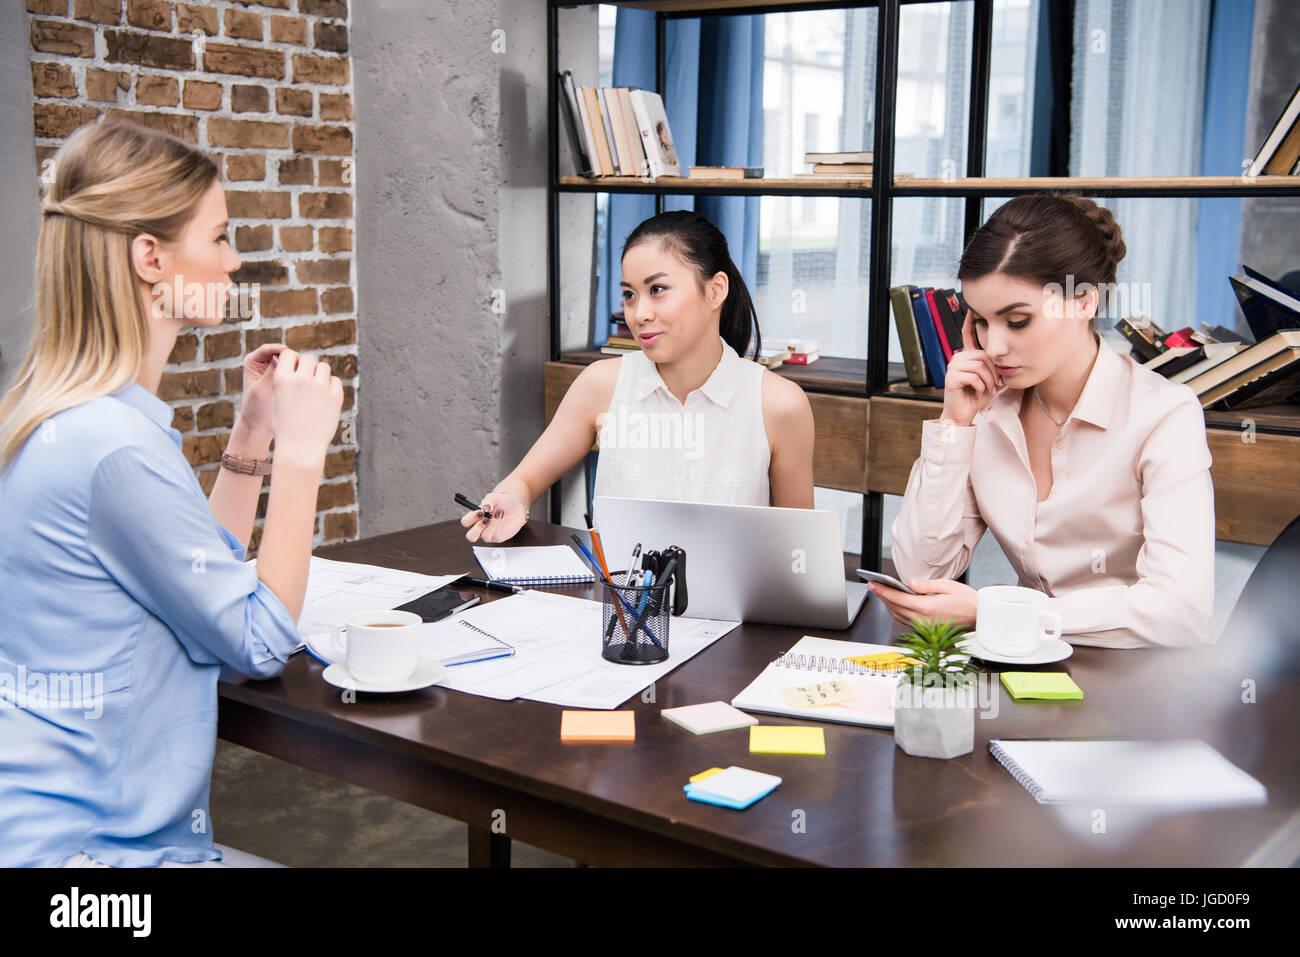 drei multikulturellen Geschäftsfrauen arbeiten und diskutieren Projekt am Arbeitsplatz im modernen office Stockbild